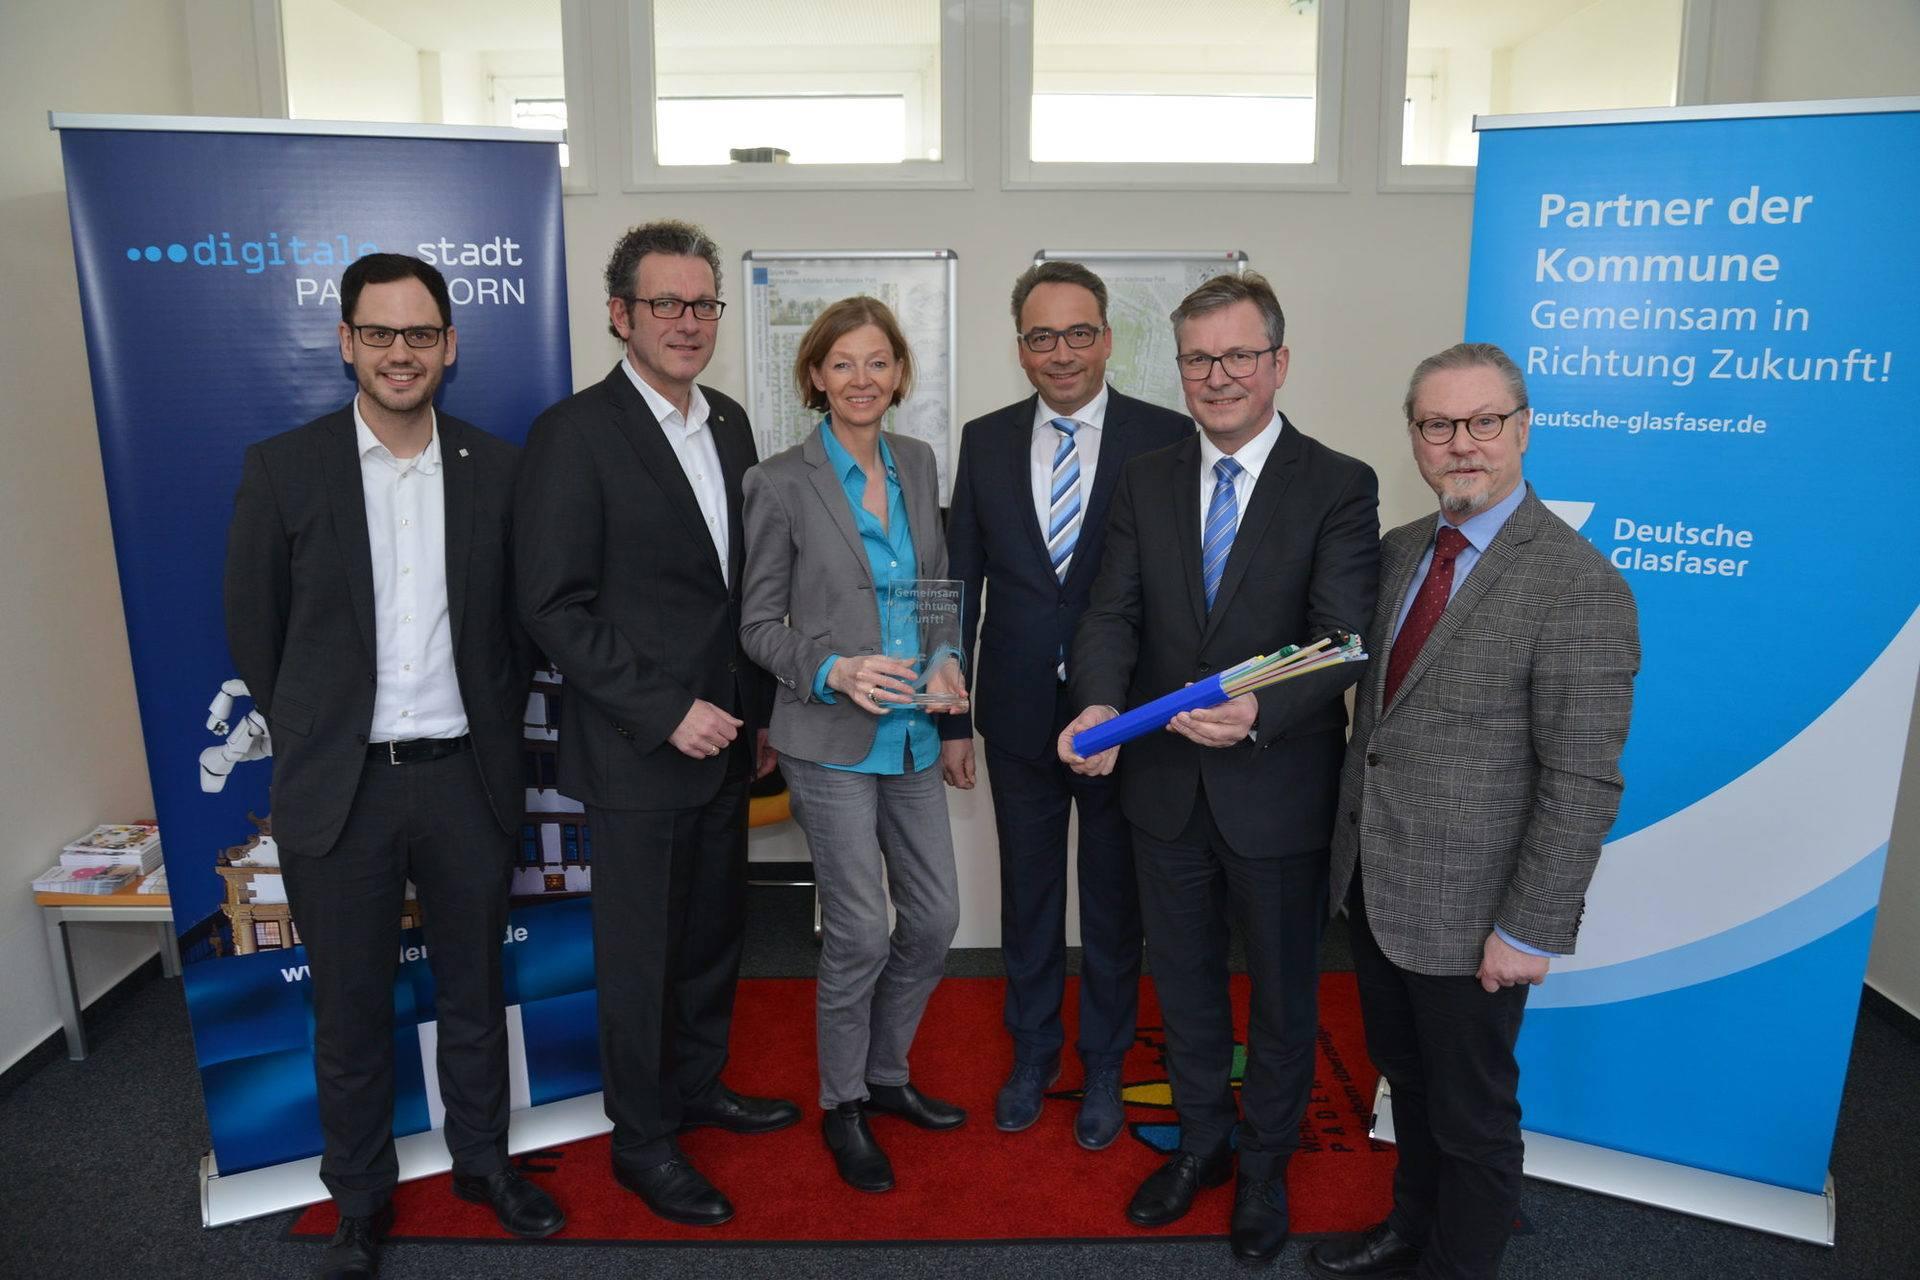 Vertreter:innen der Unternehmensgruppe Deutsche Glasfaser und die Stadt Paderborn im Austausch